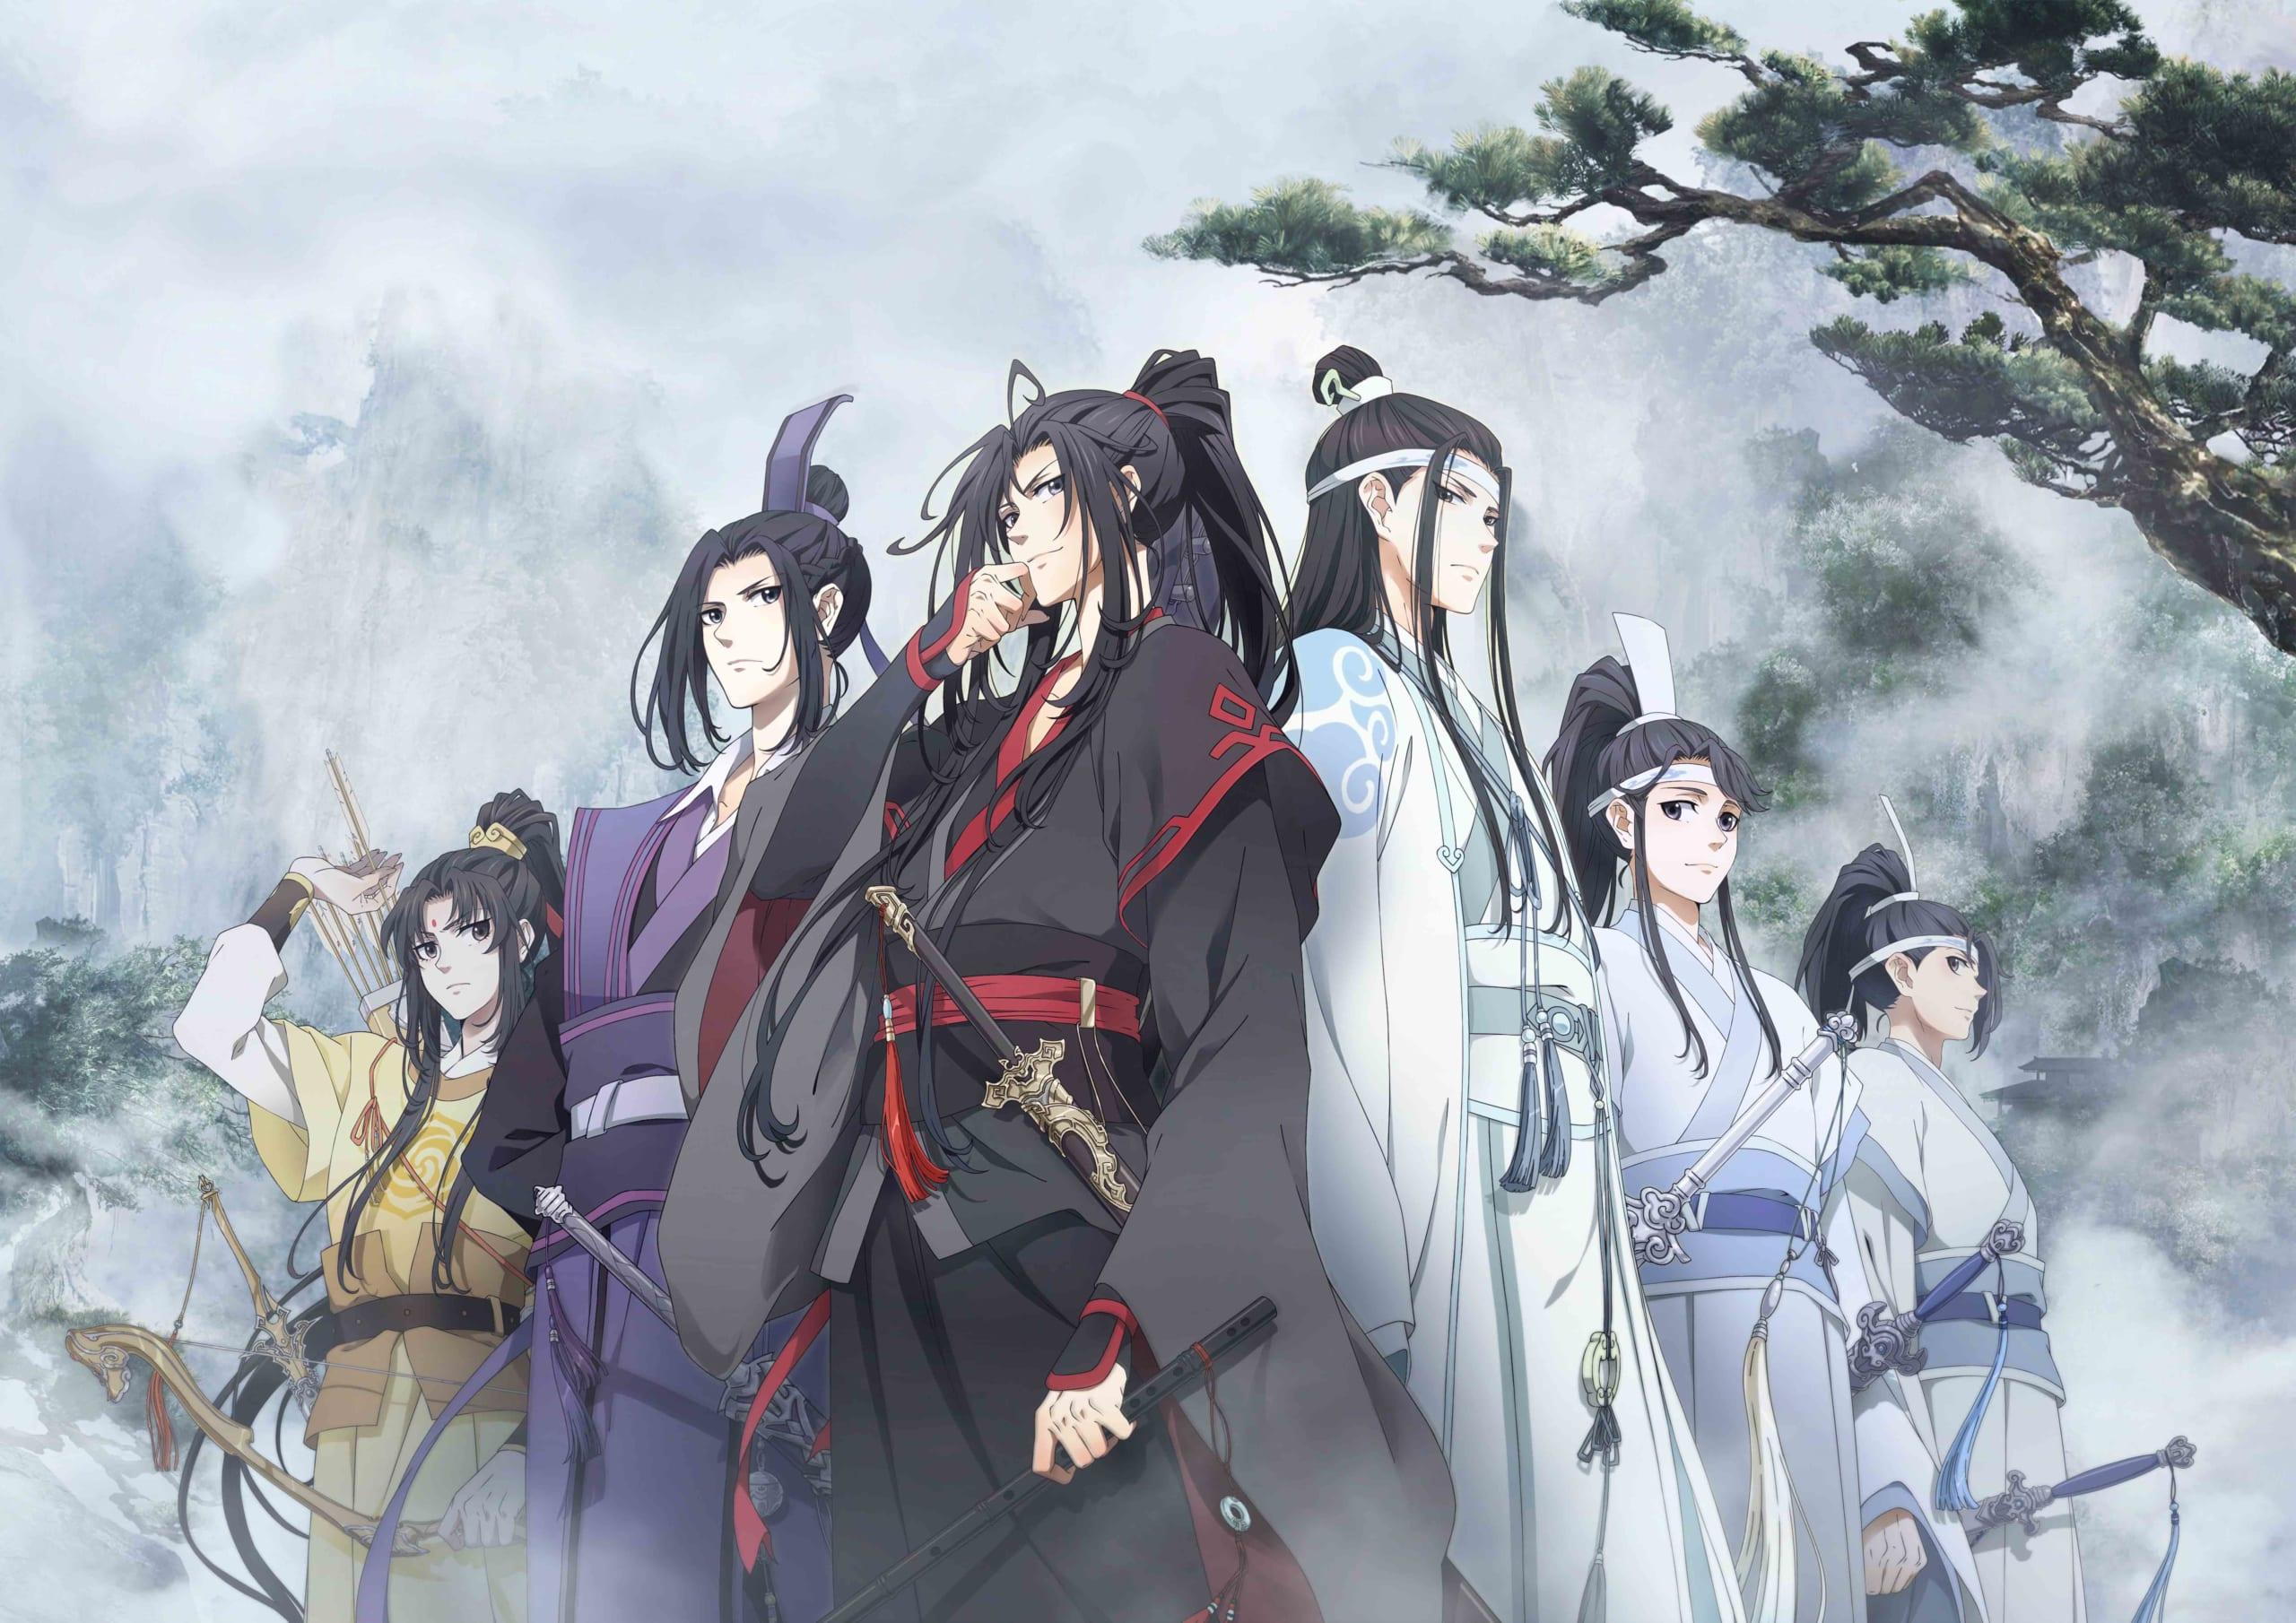 中国のBL小説が原作のアニメシリーズ『魔道祖師』日本上陸!アジア全域で爆発的人気